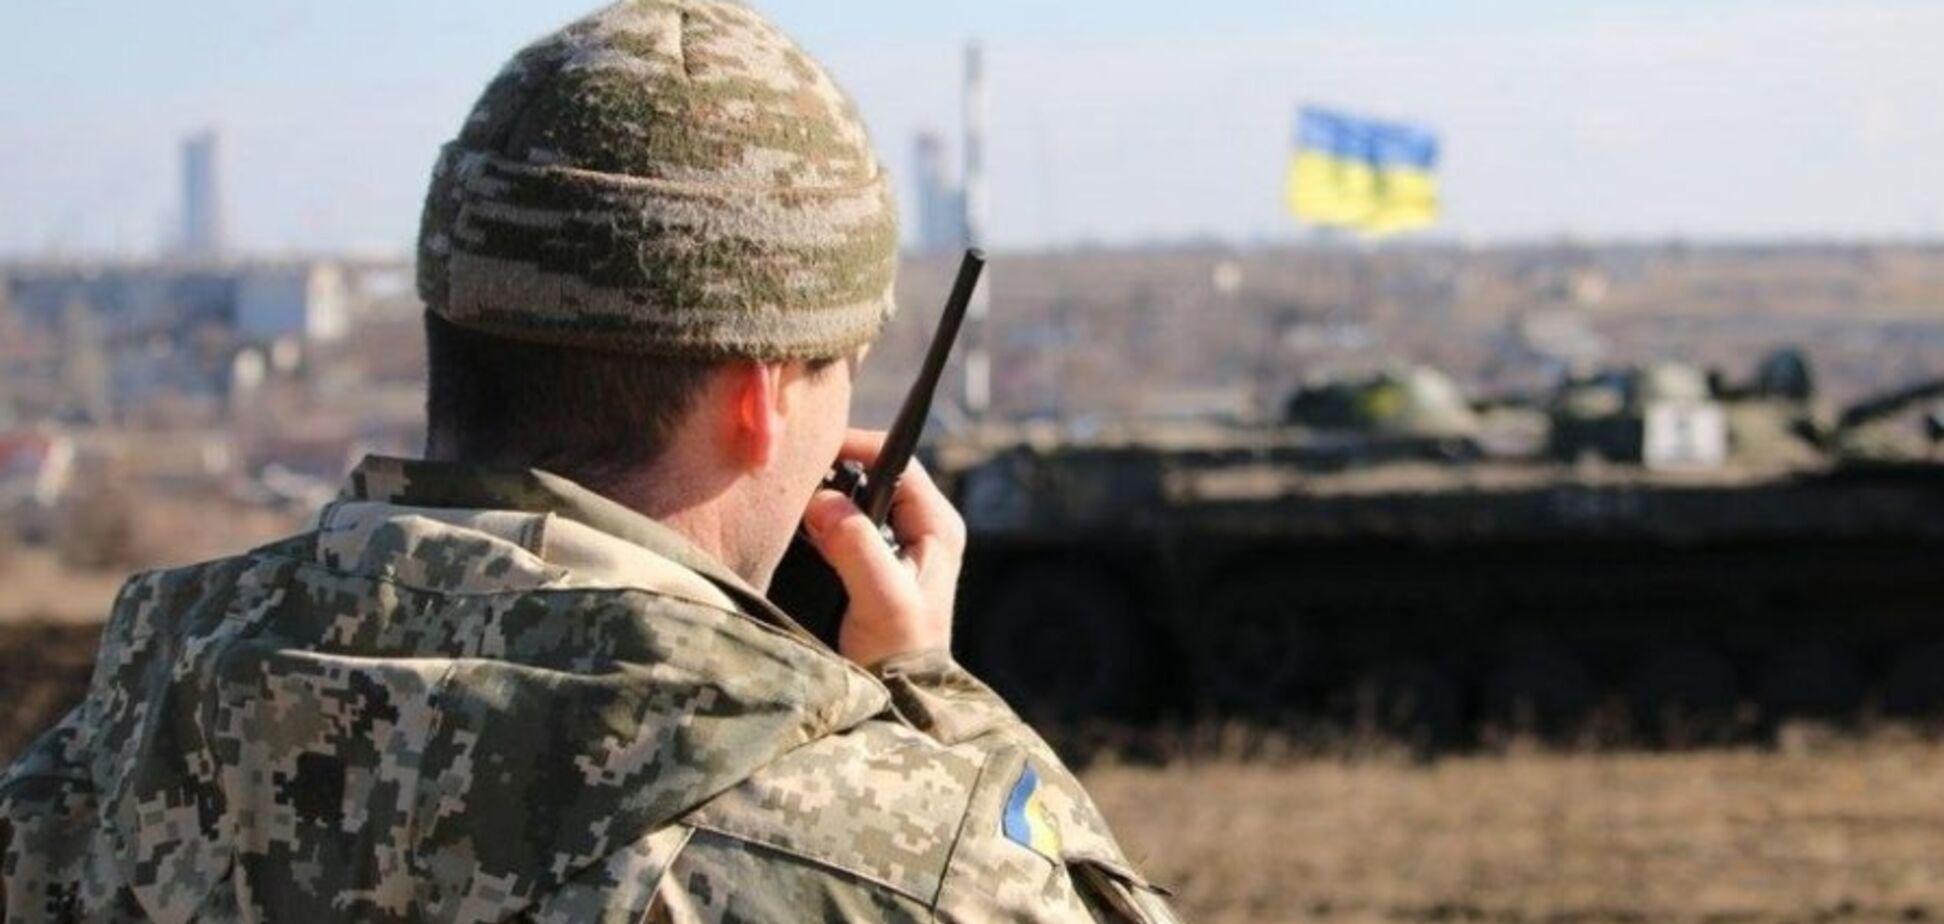 После адского обстрела: в ОС сделали неожиданное заявление об отводе войск